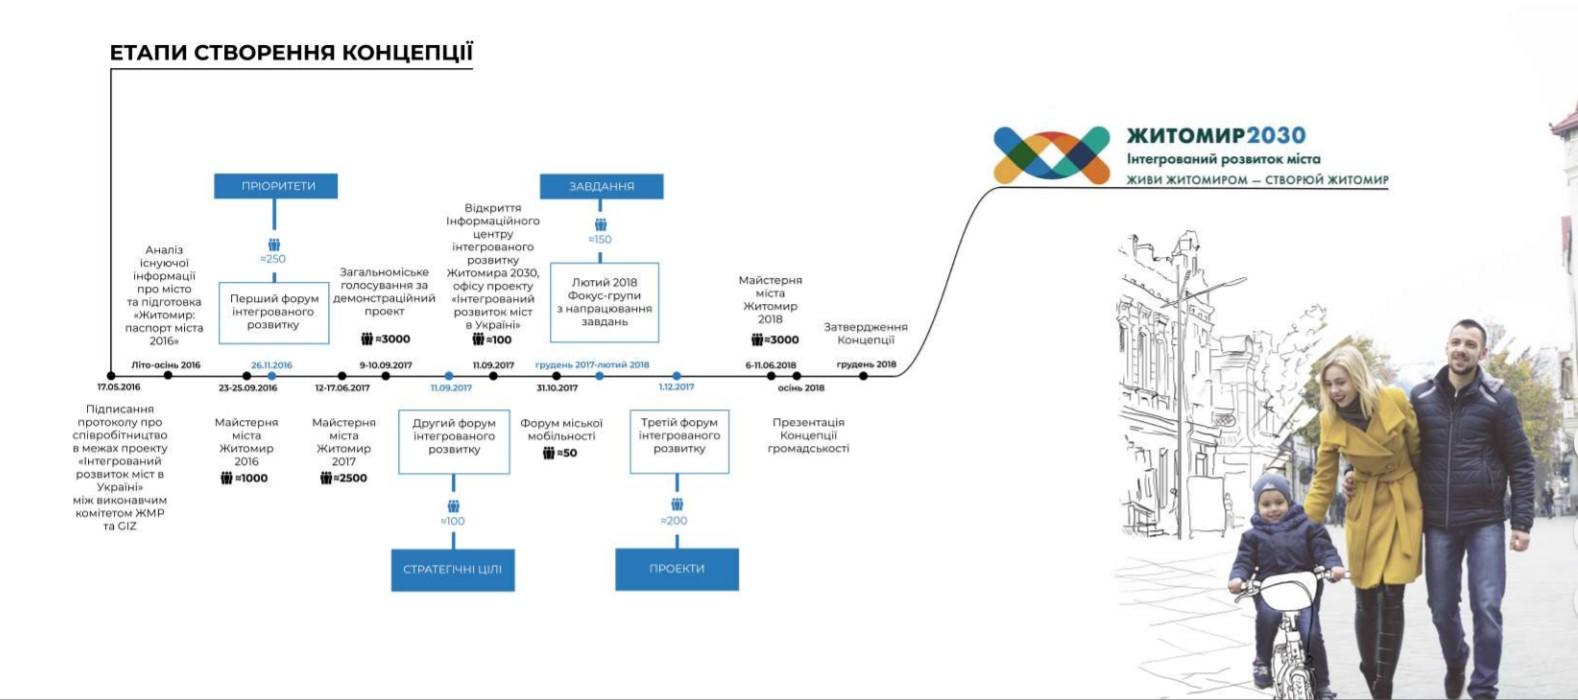 Затверджено Концепцію інтегрованого розвитку міста Житомир до 2030 року